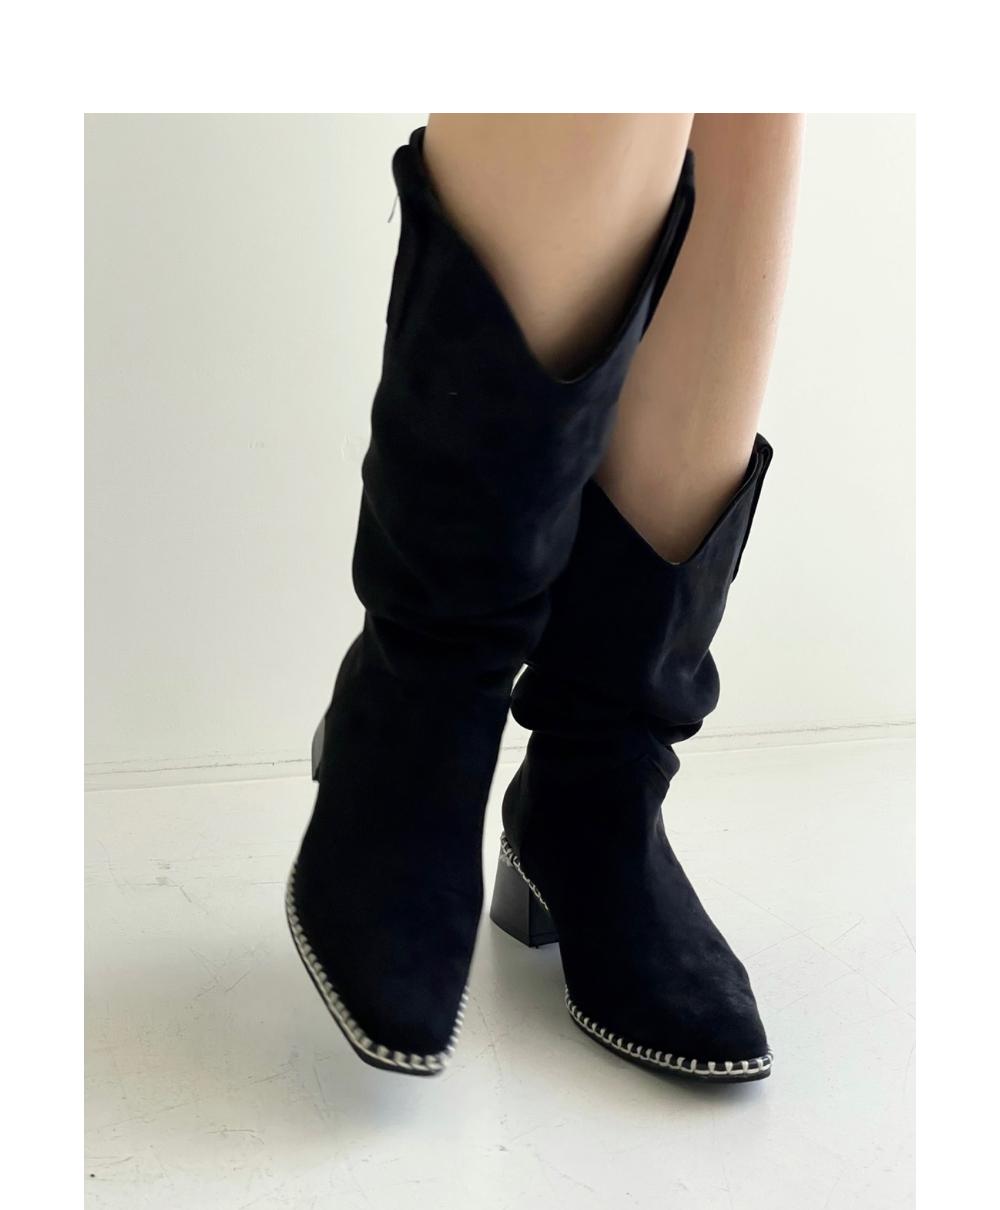 신발 모델 착용 이미지-S1L30